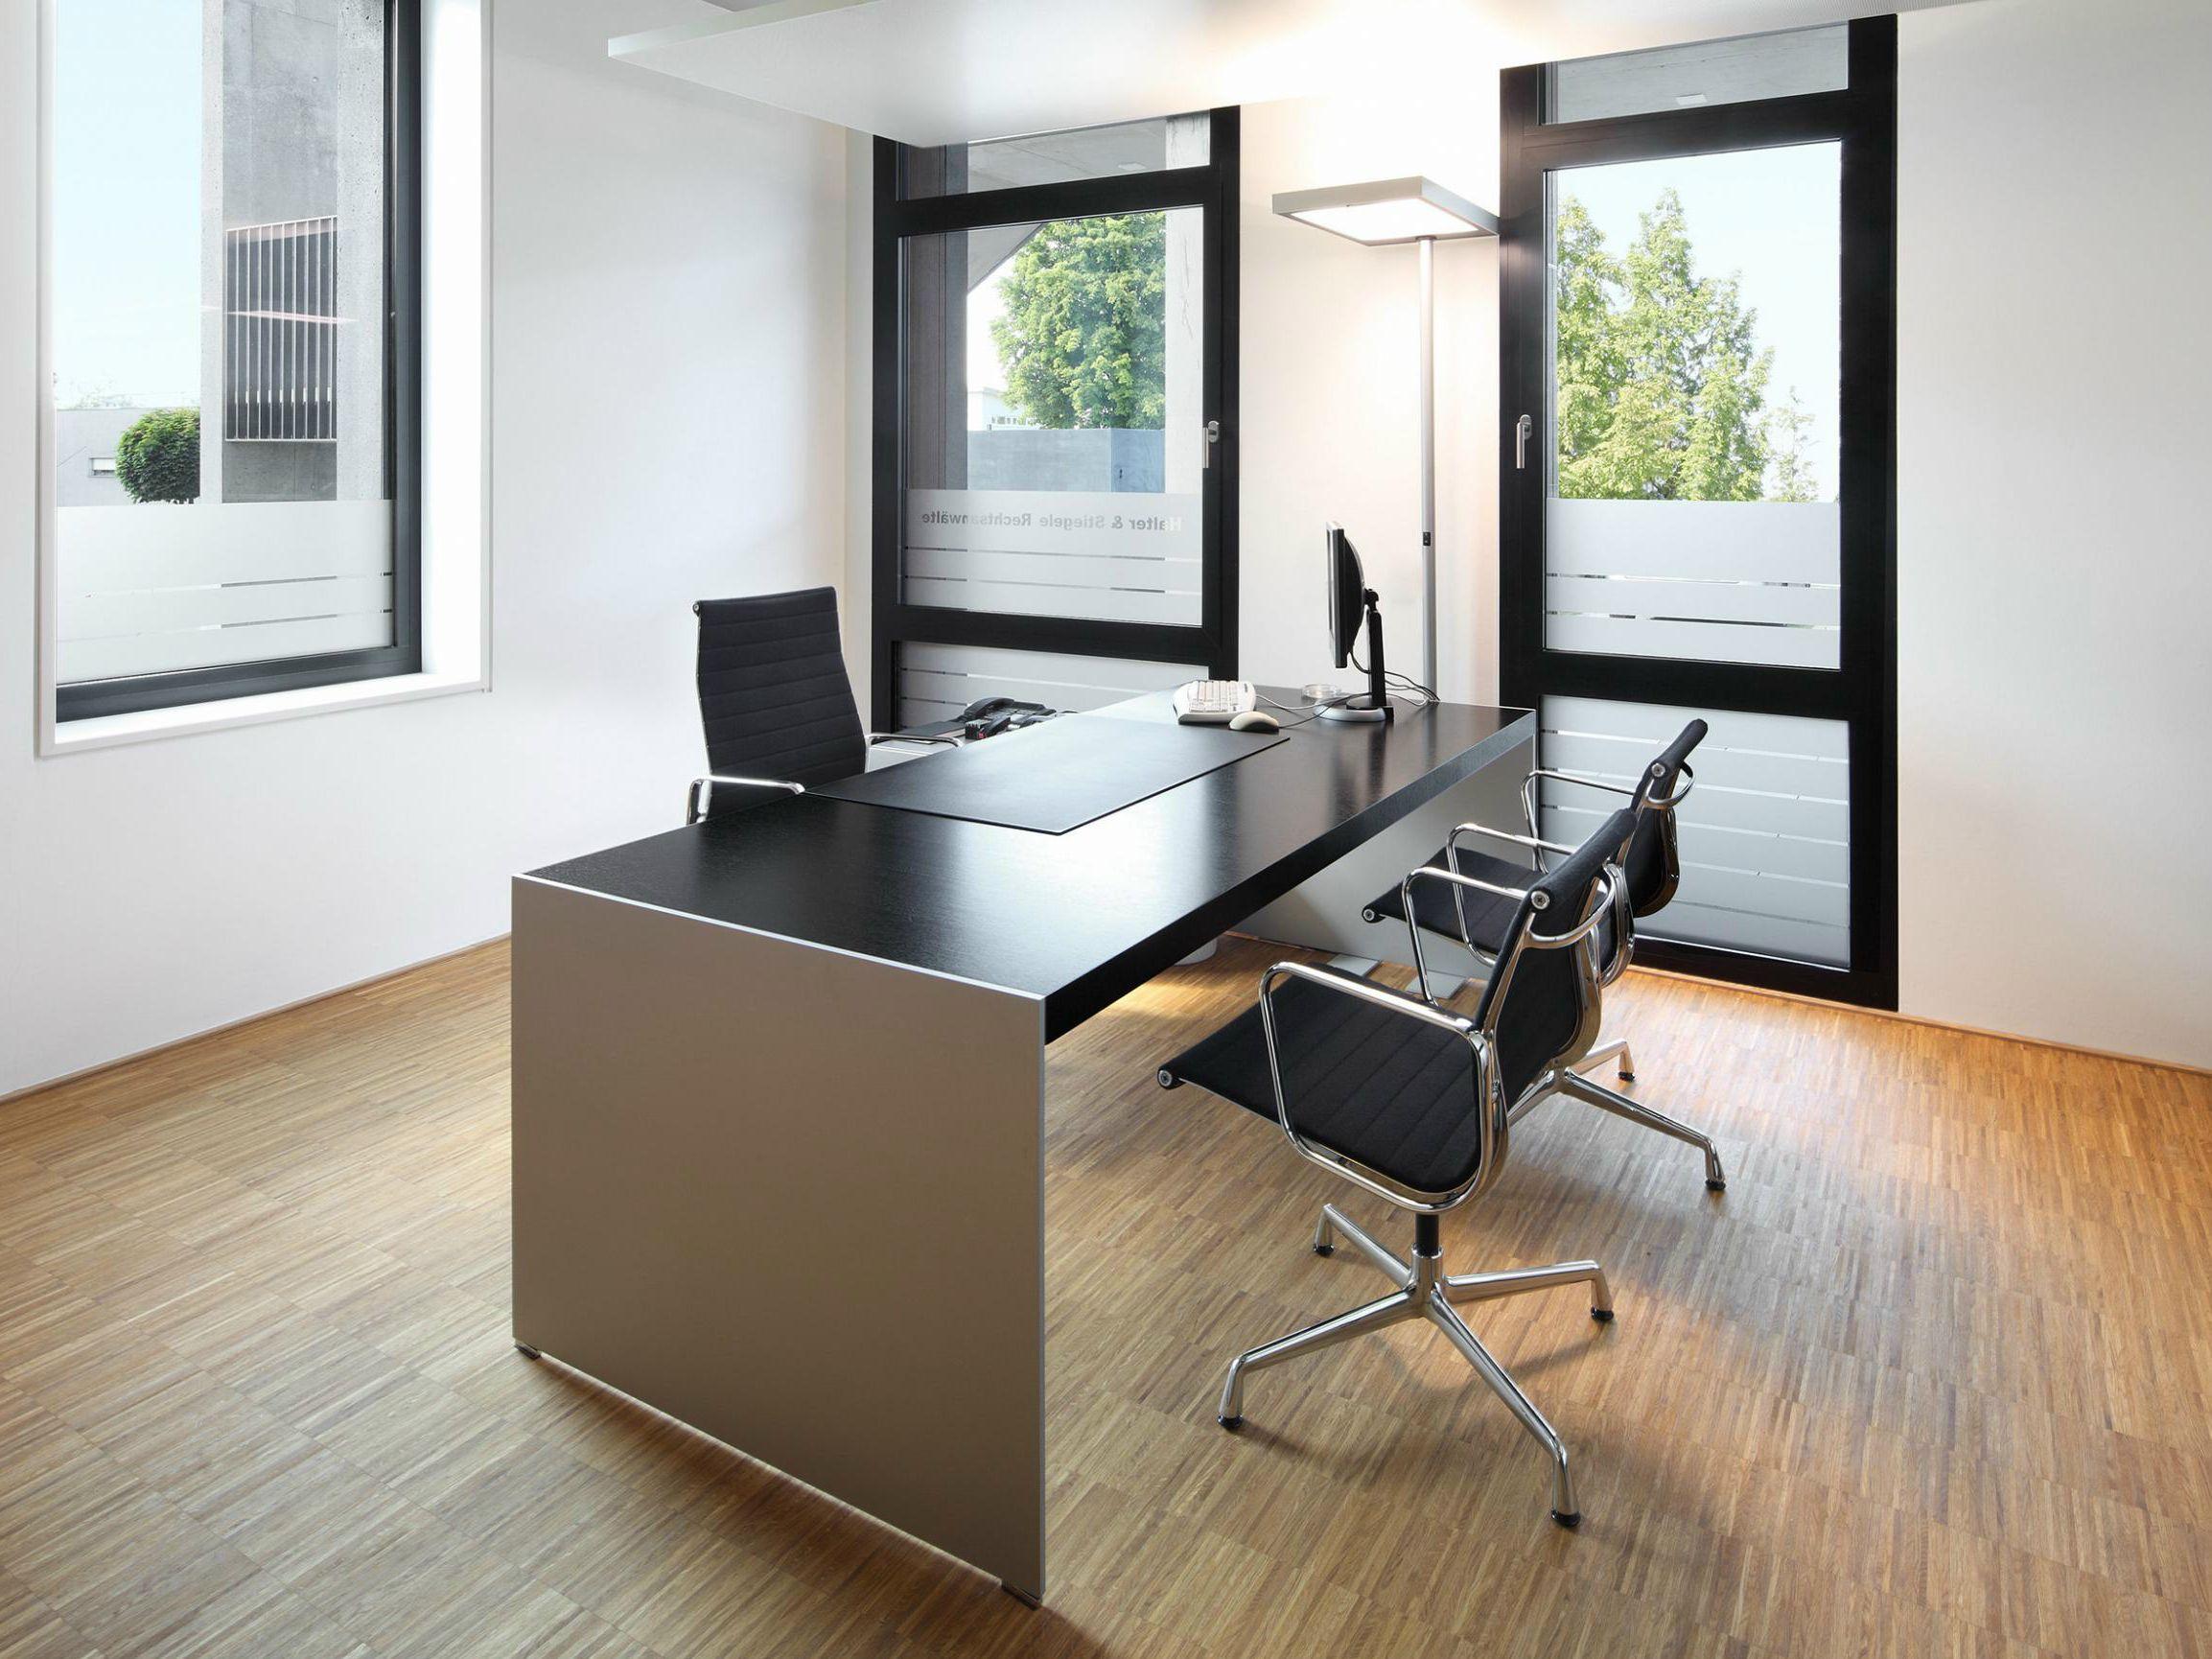 SIZE Executive desk by RENZ design Jehs Laub   Office desk   Pinterest